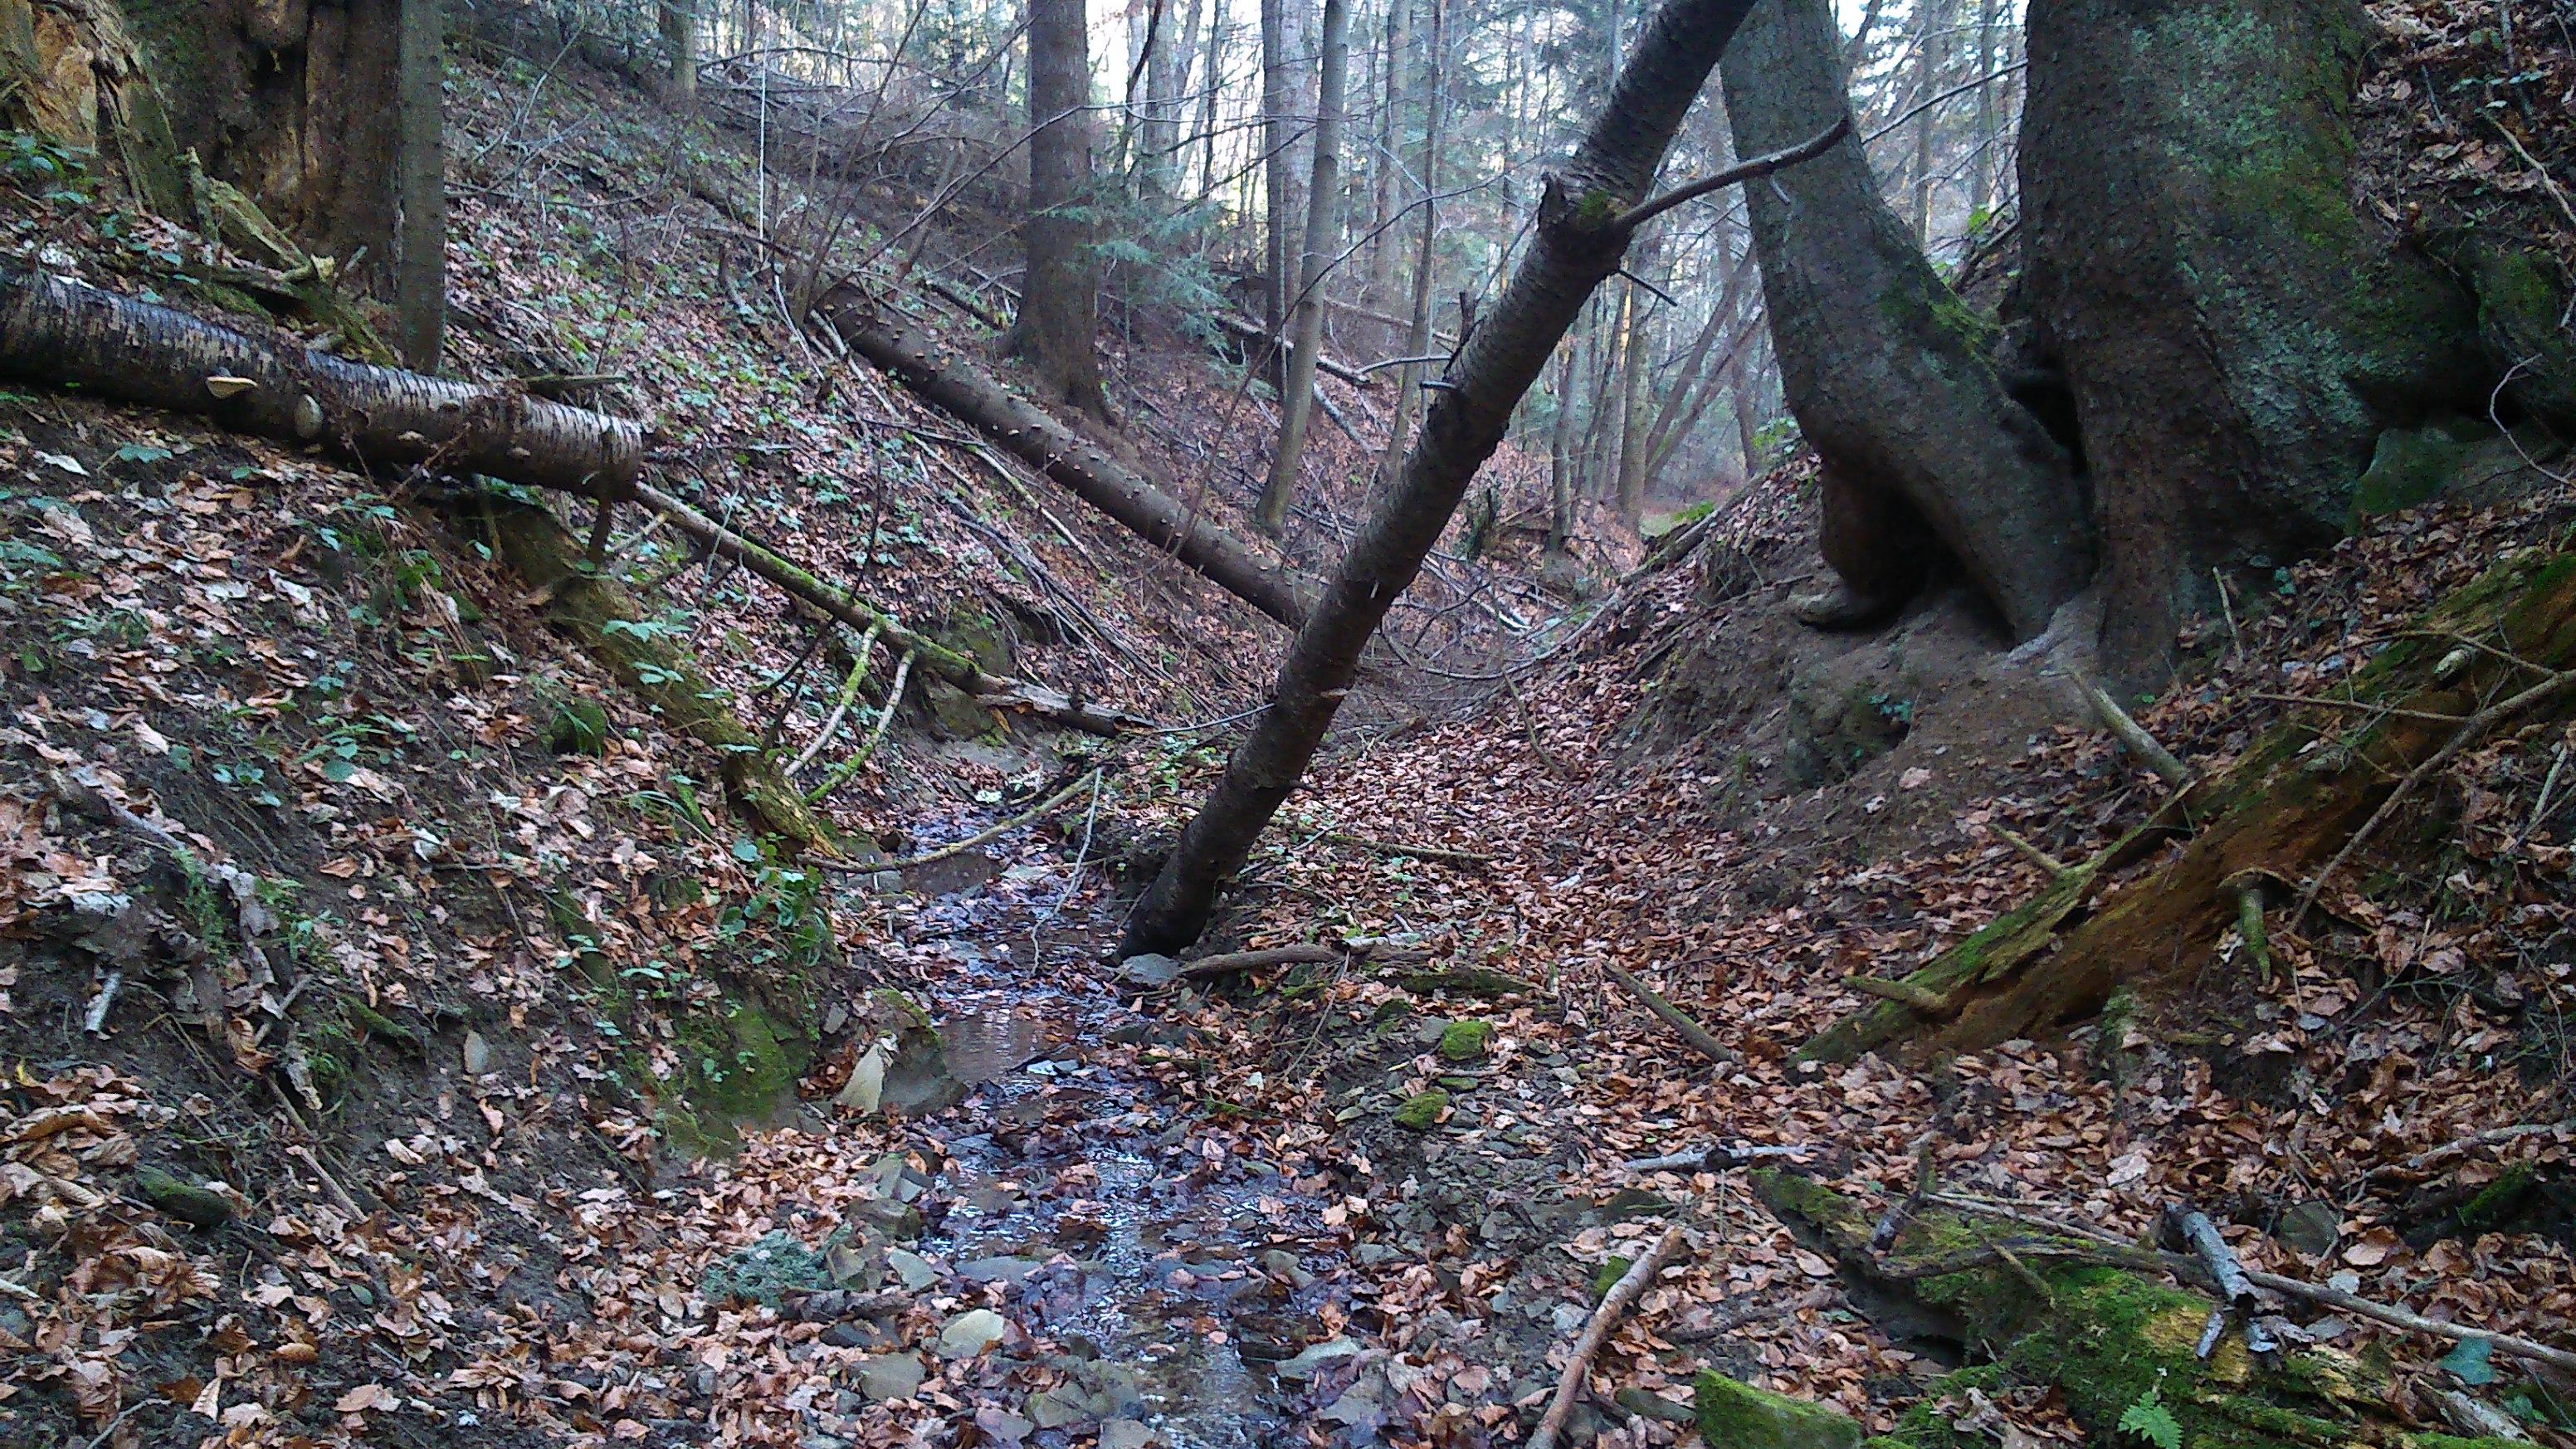 Teren w Beskidzie Niskiem nie należy do najłatwiejszych. 3-4 takie potoki w miocie potrafią zmęczyć